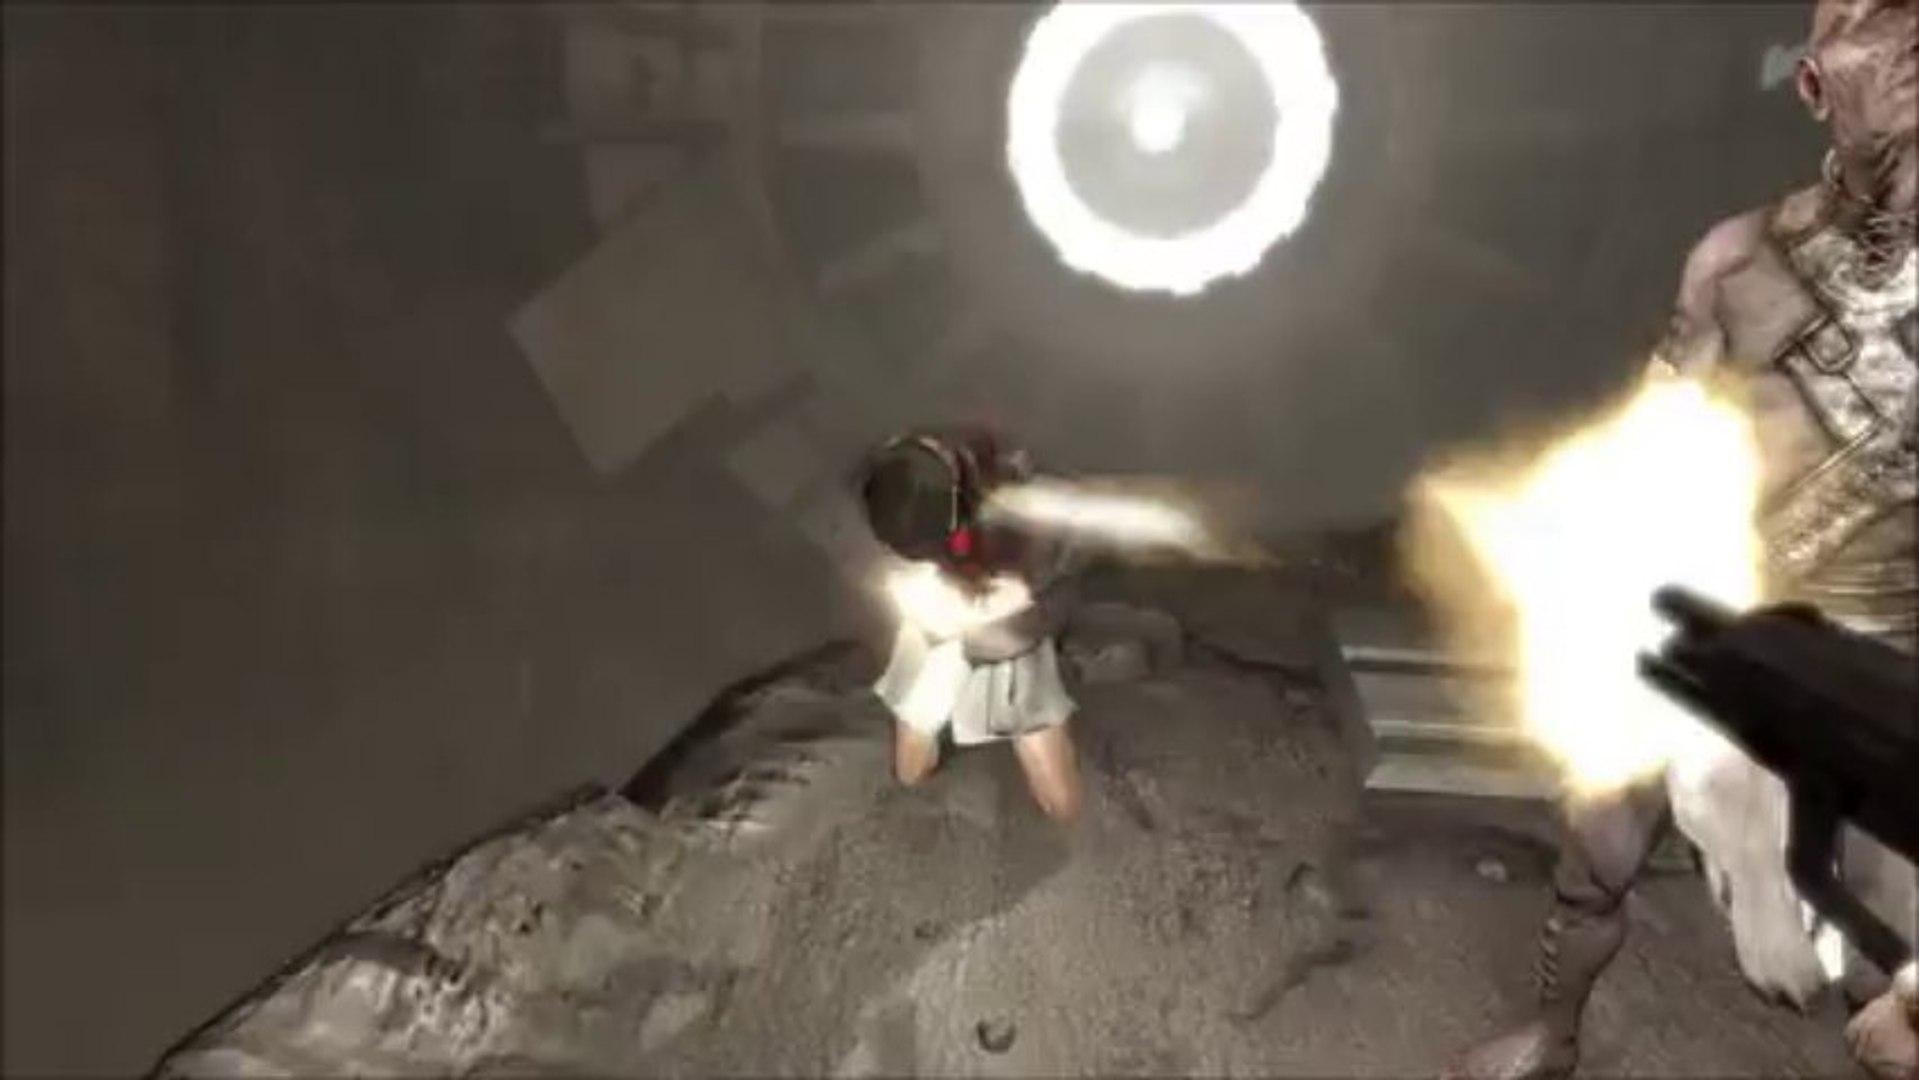 [SPOIL] cinématiques de fin/ending de Alone in the dark : Tuer Sarah